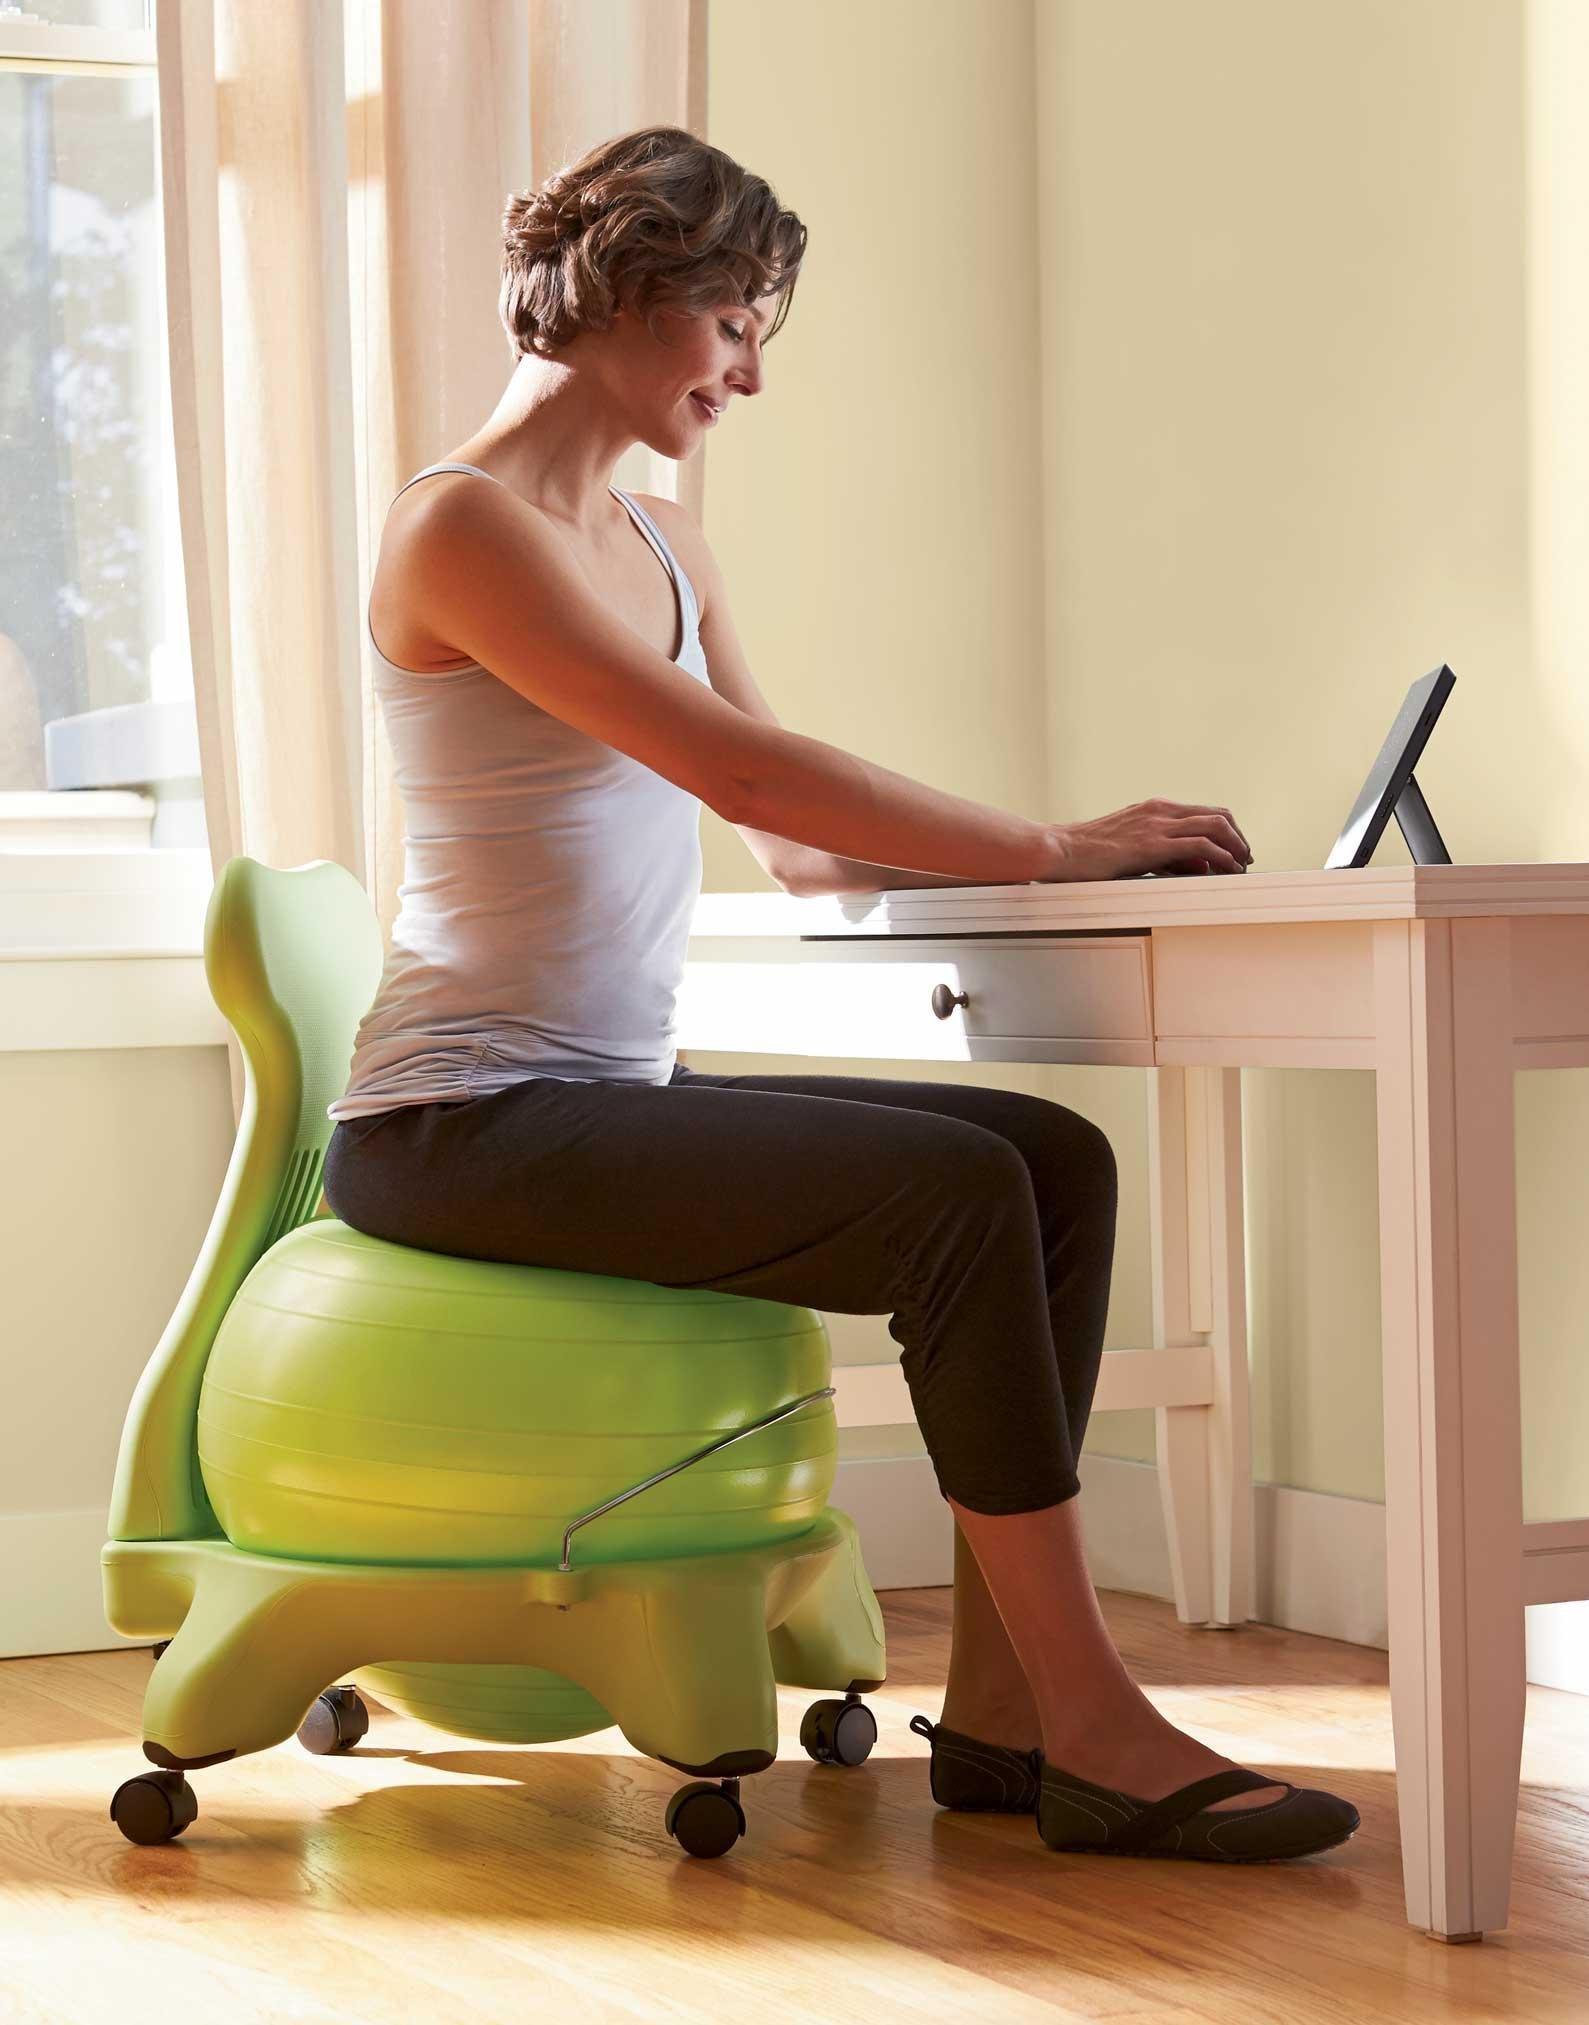 Gaiam Balance Ball Chair Classic Yoga Ball Chair with 52cm